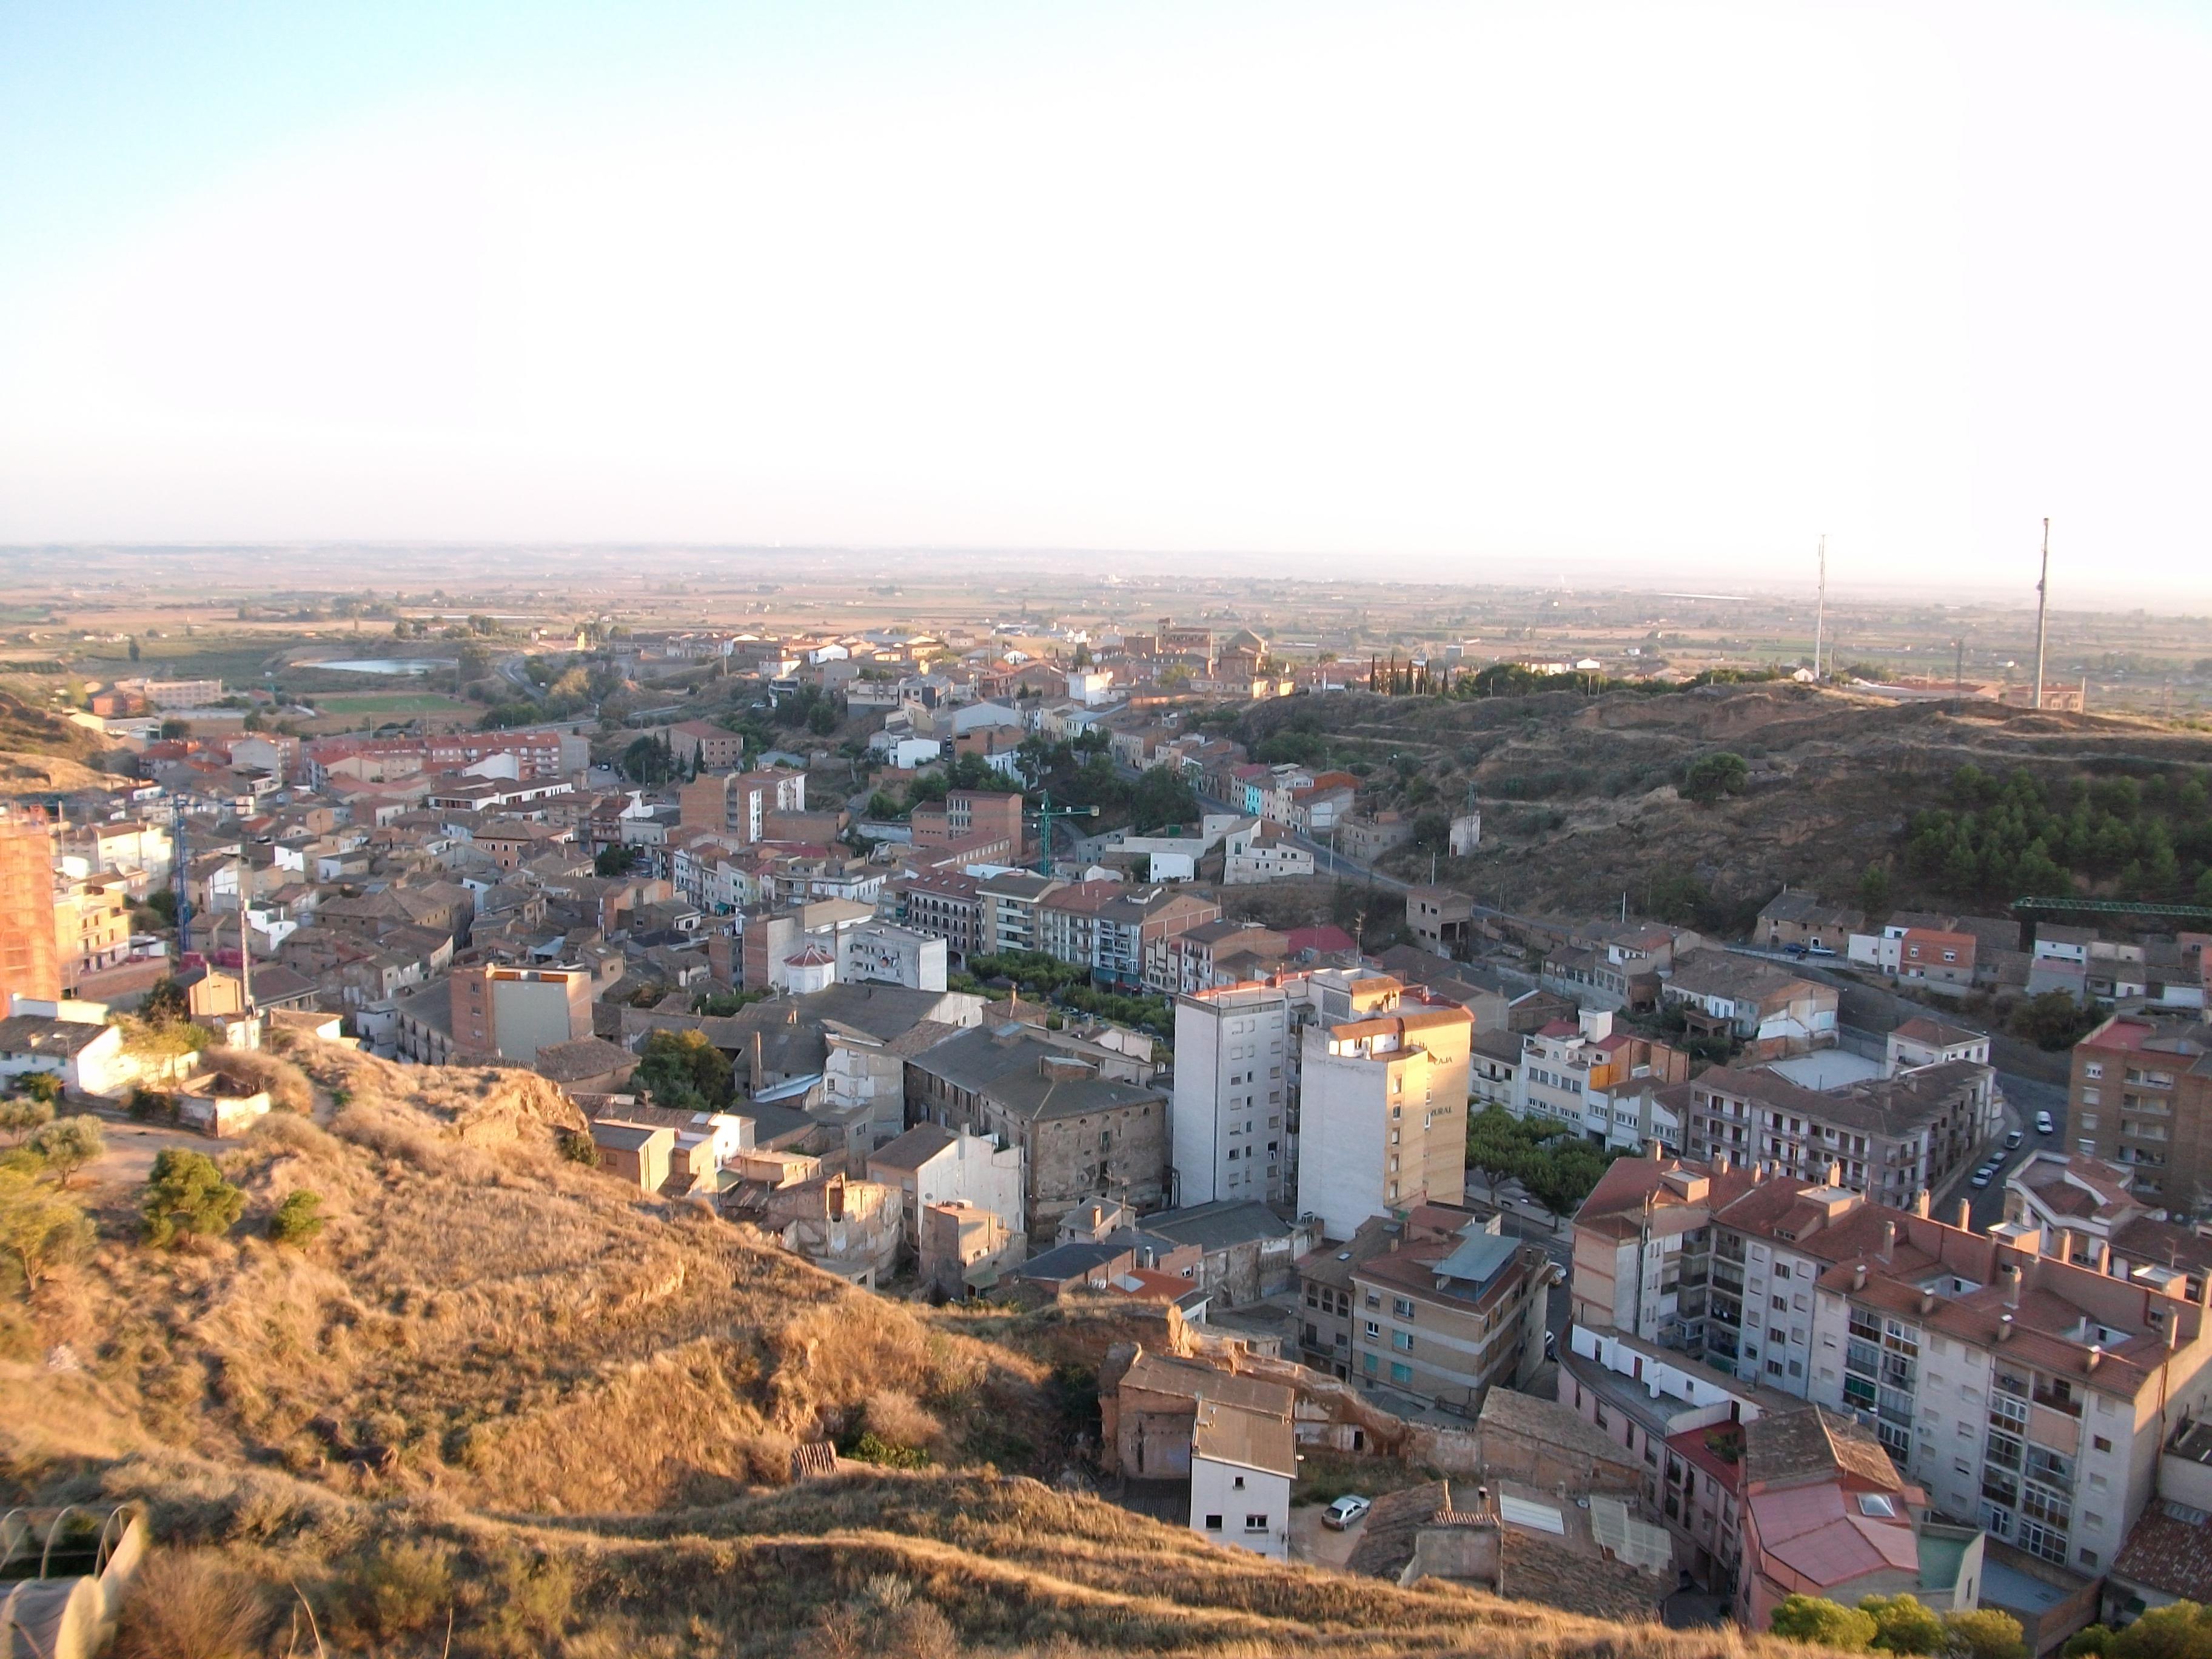 File:Tamarite de Litera - panoramio.jpg - Wikimedia Commons